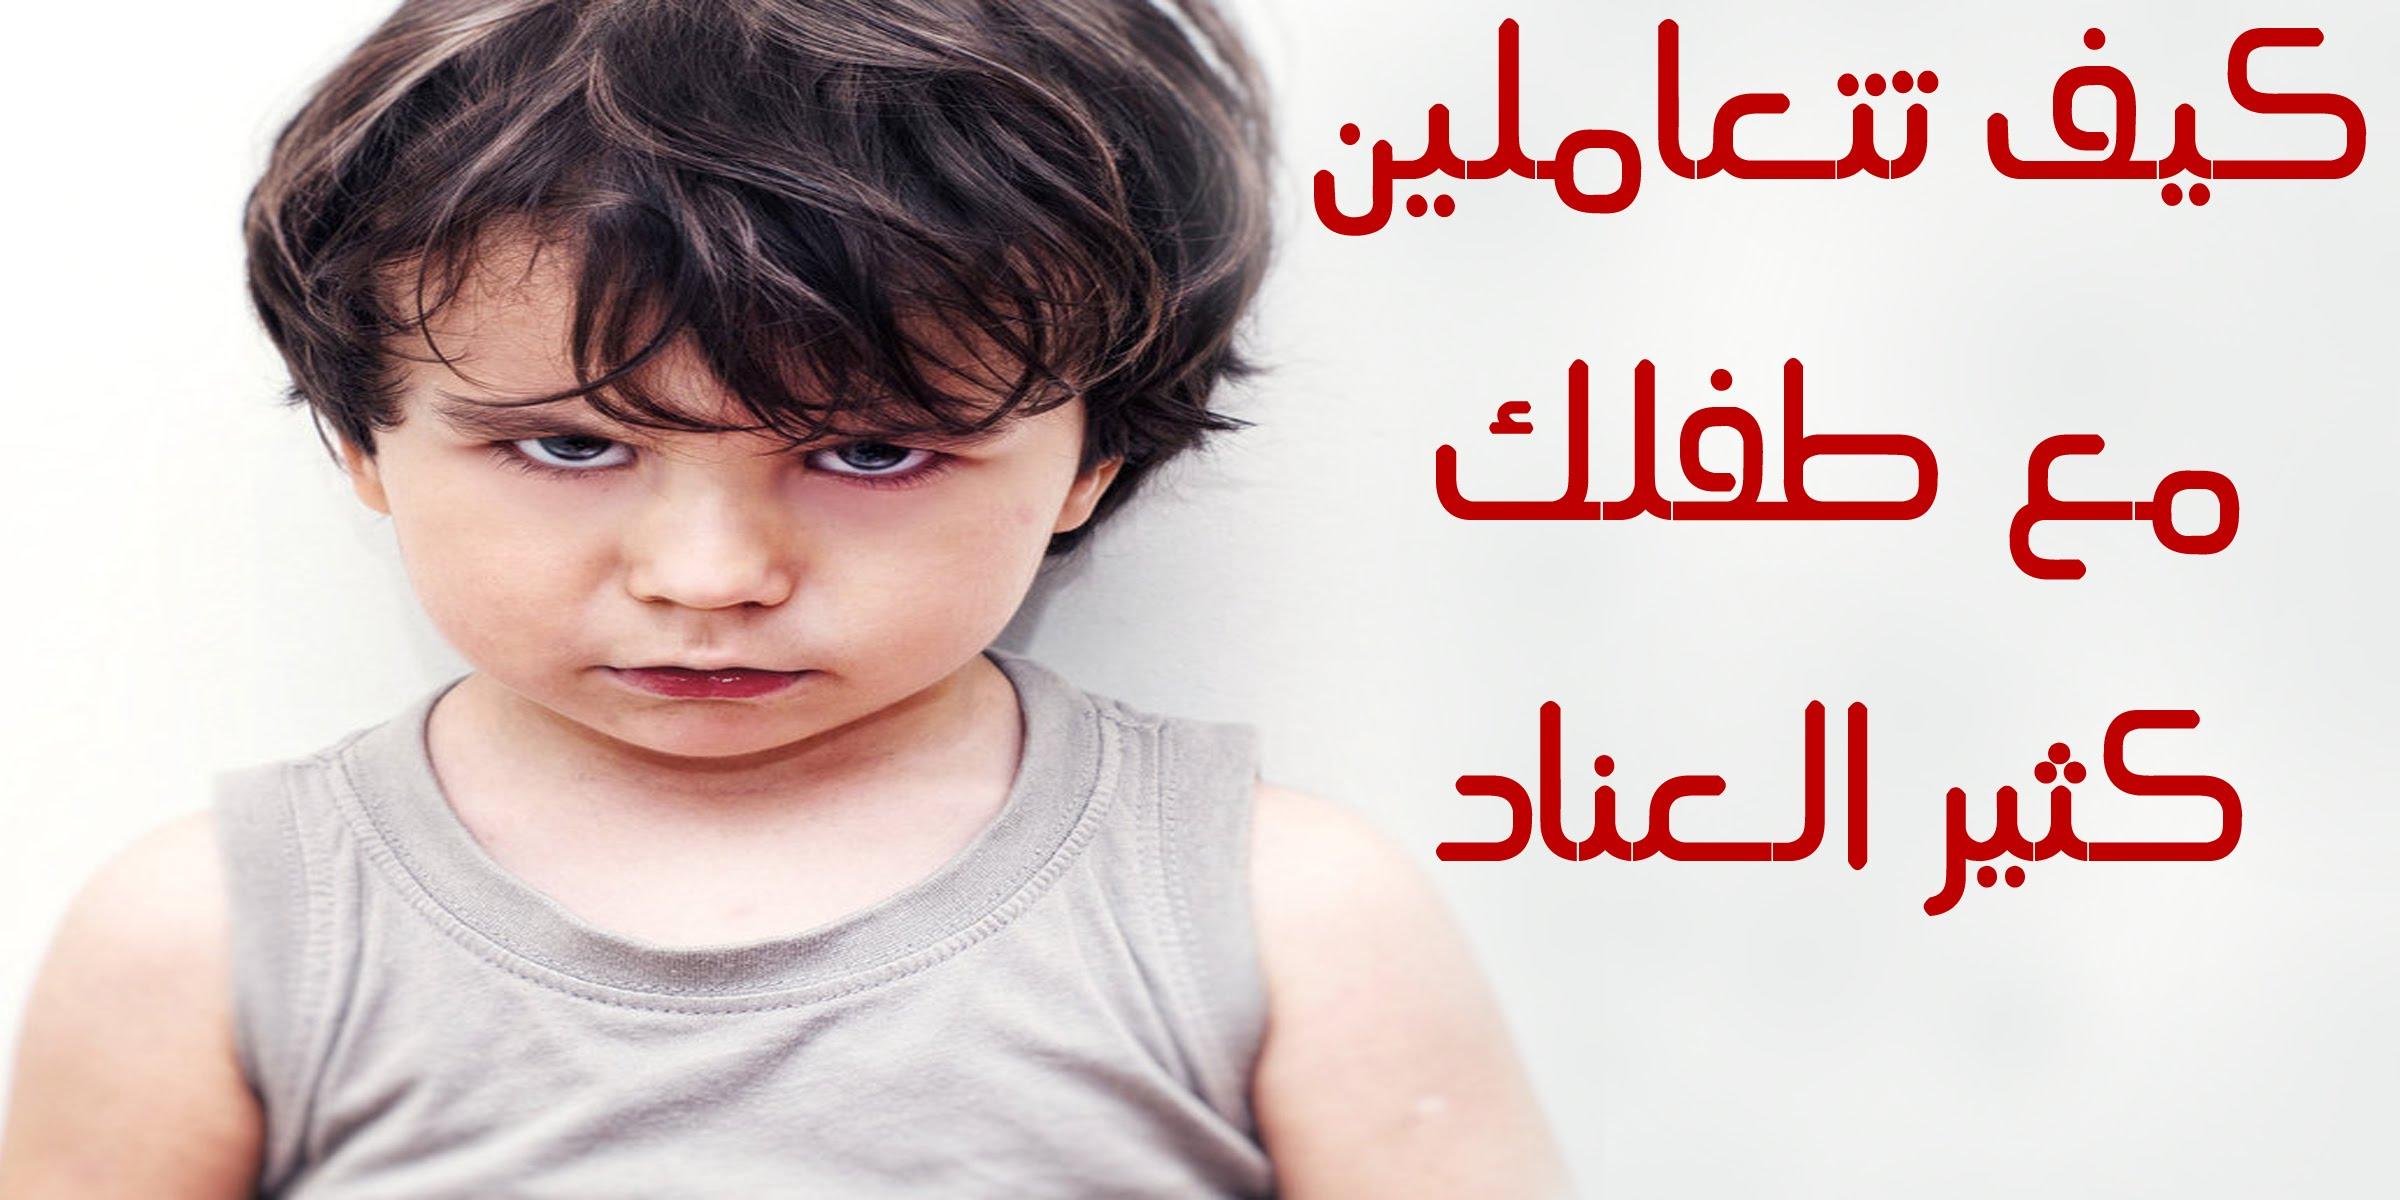 صورة كيفية التعامل مع الطفل العنيد والعصبي في عمر الثلاث سنوات , ازاى تعلم ابنك العنيد